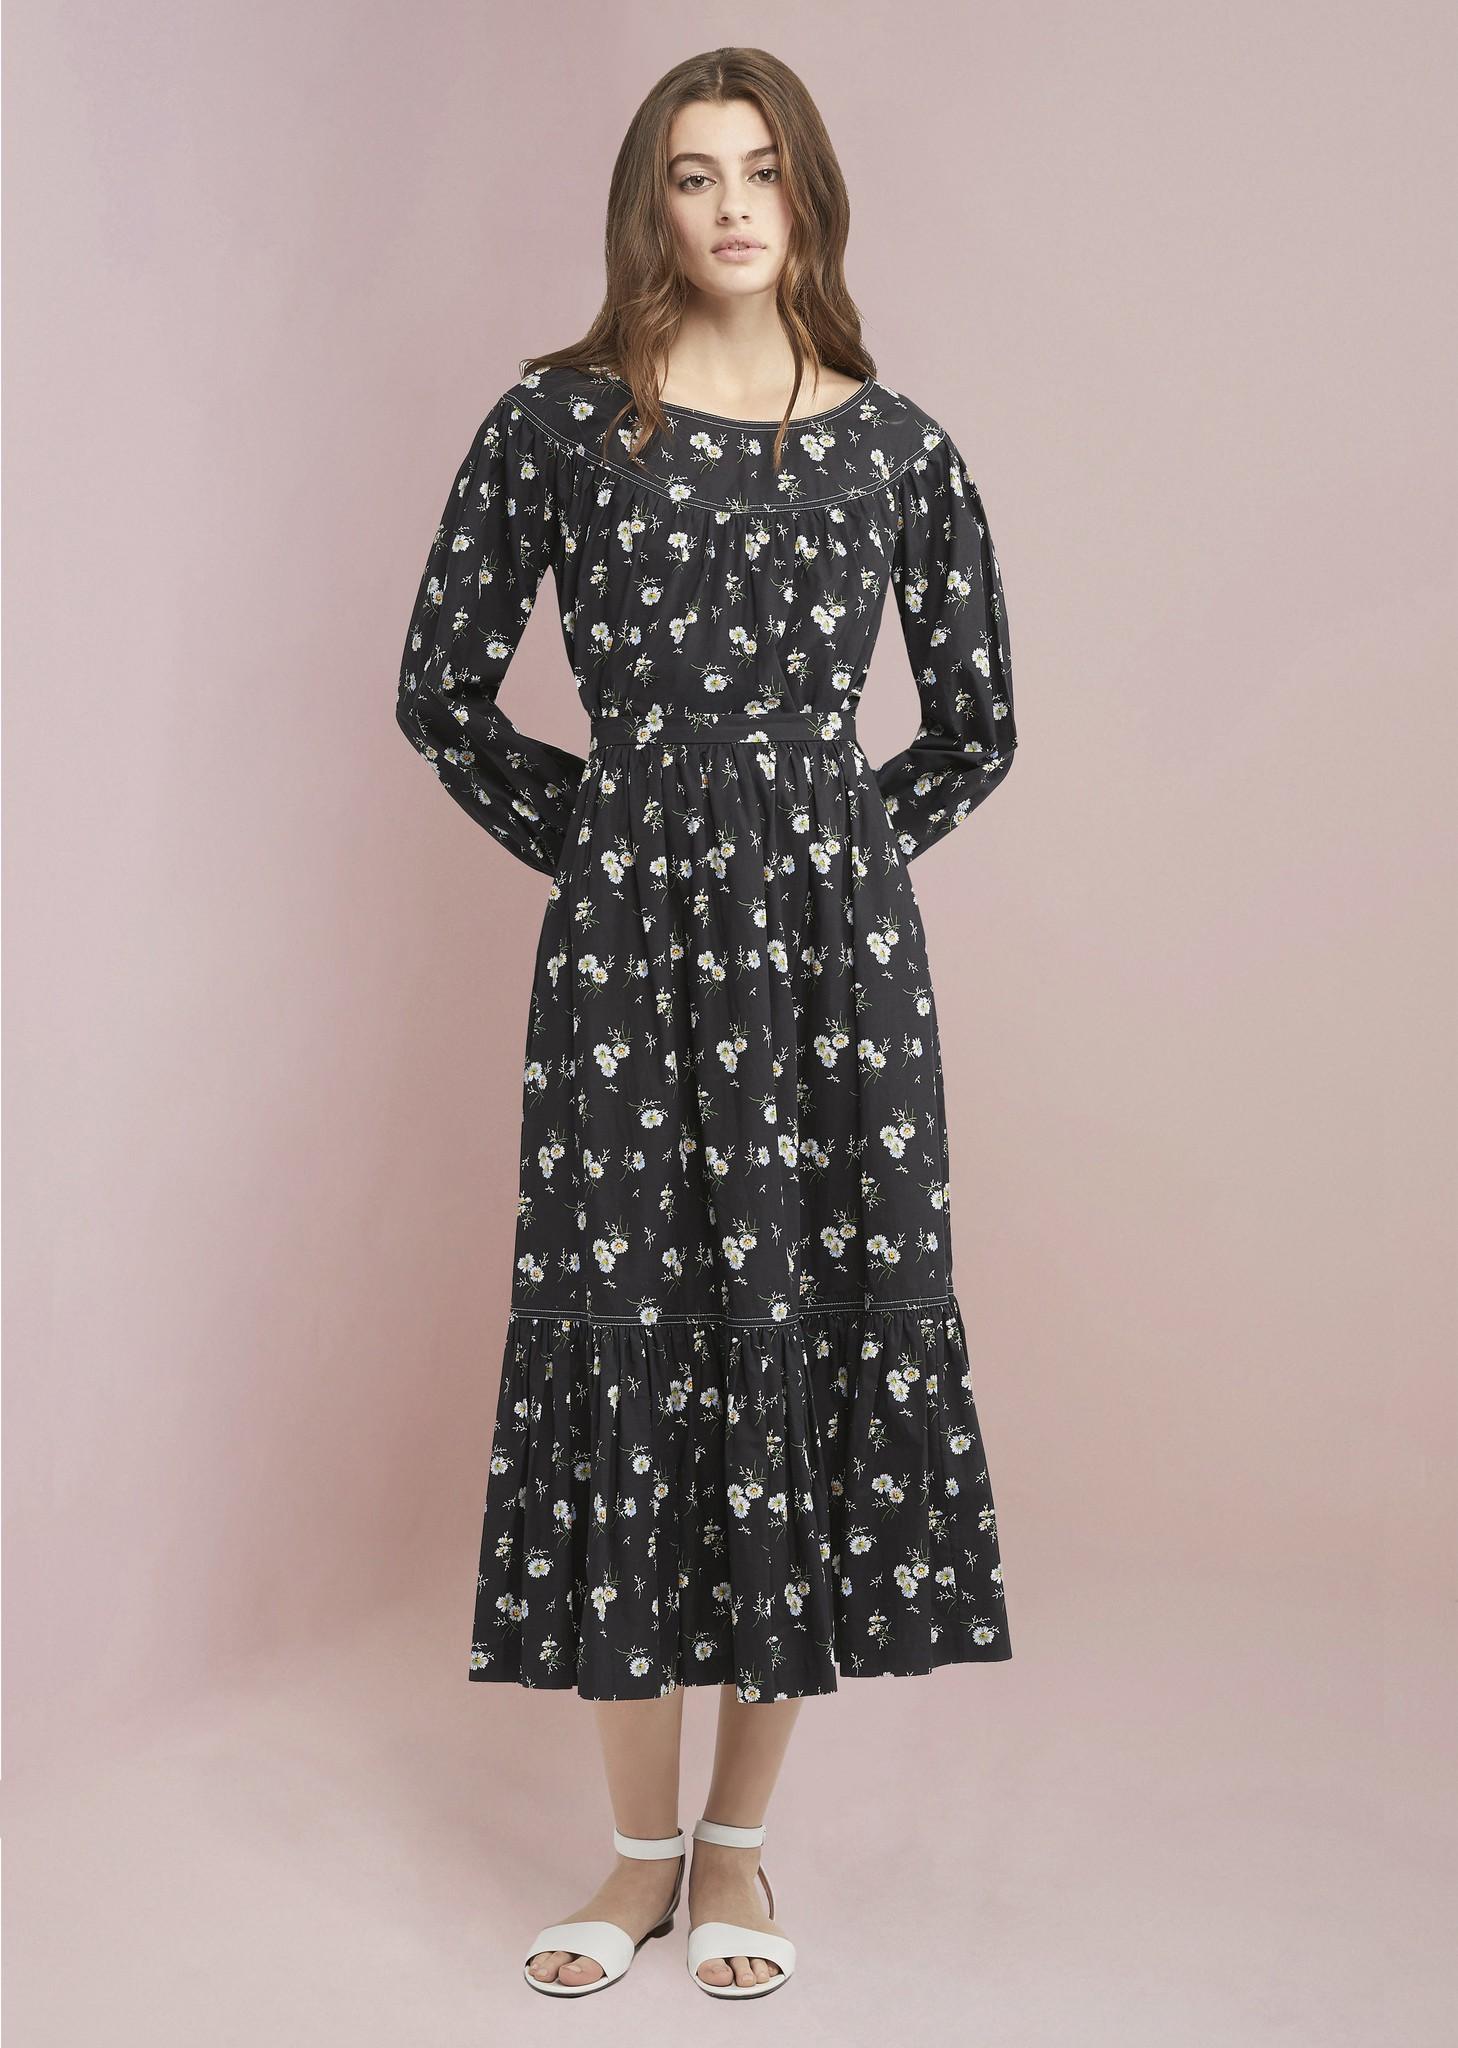 JILL STUART Mimi Skirt in Mini Daisy Print